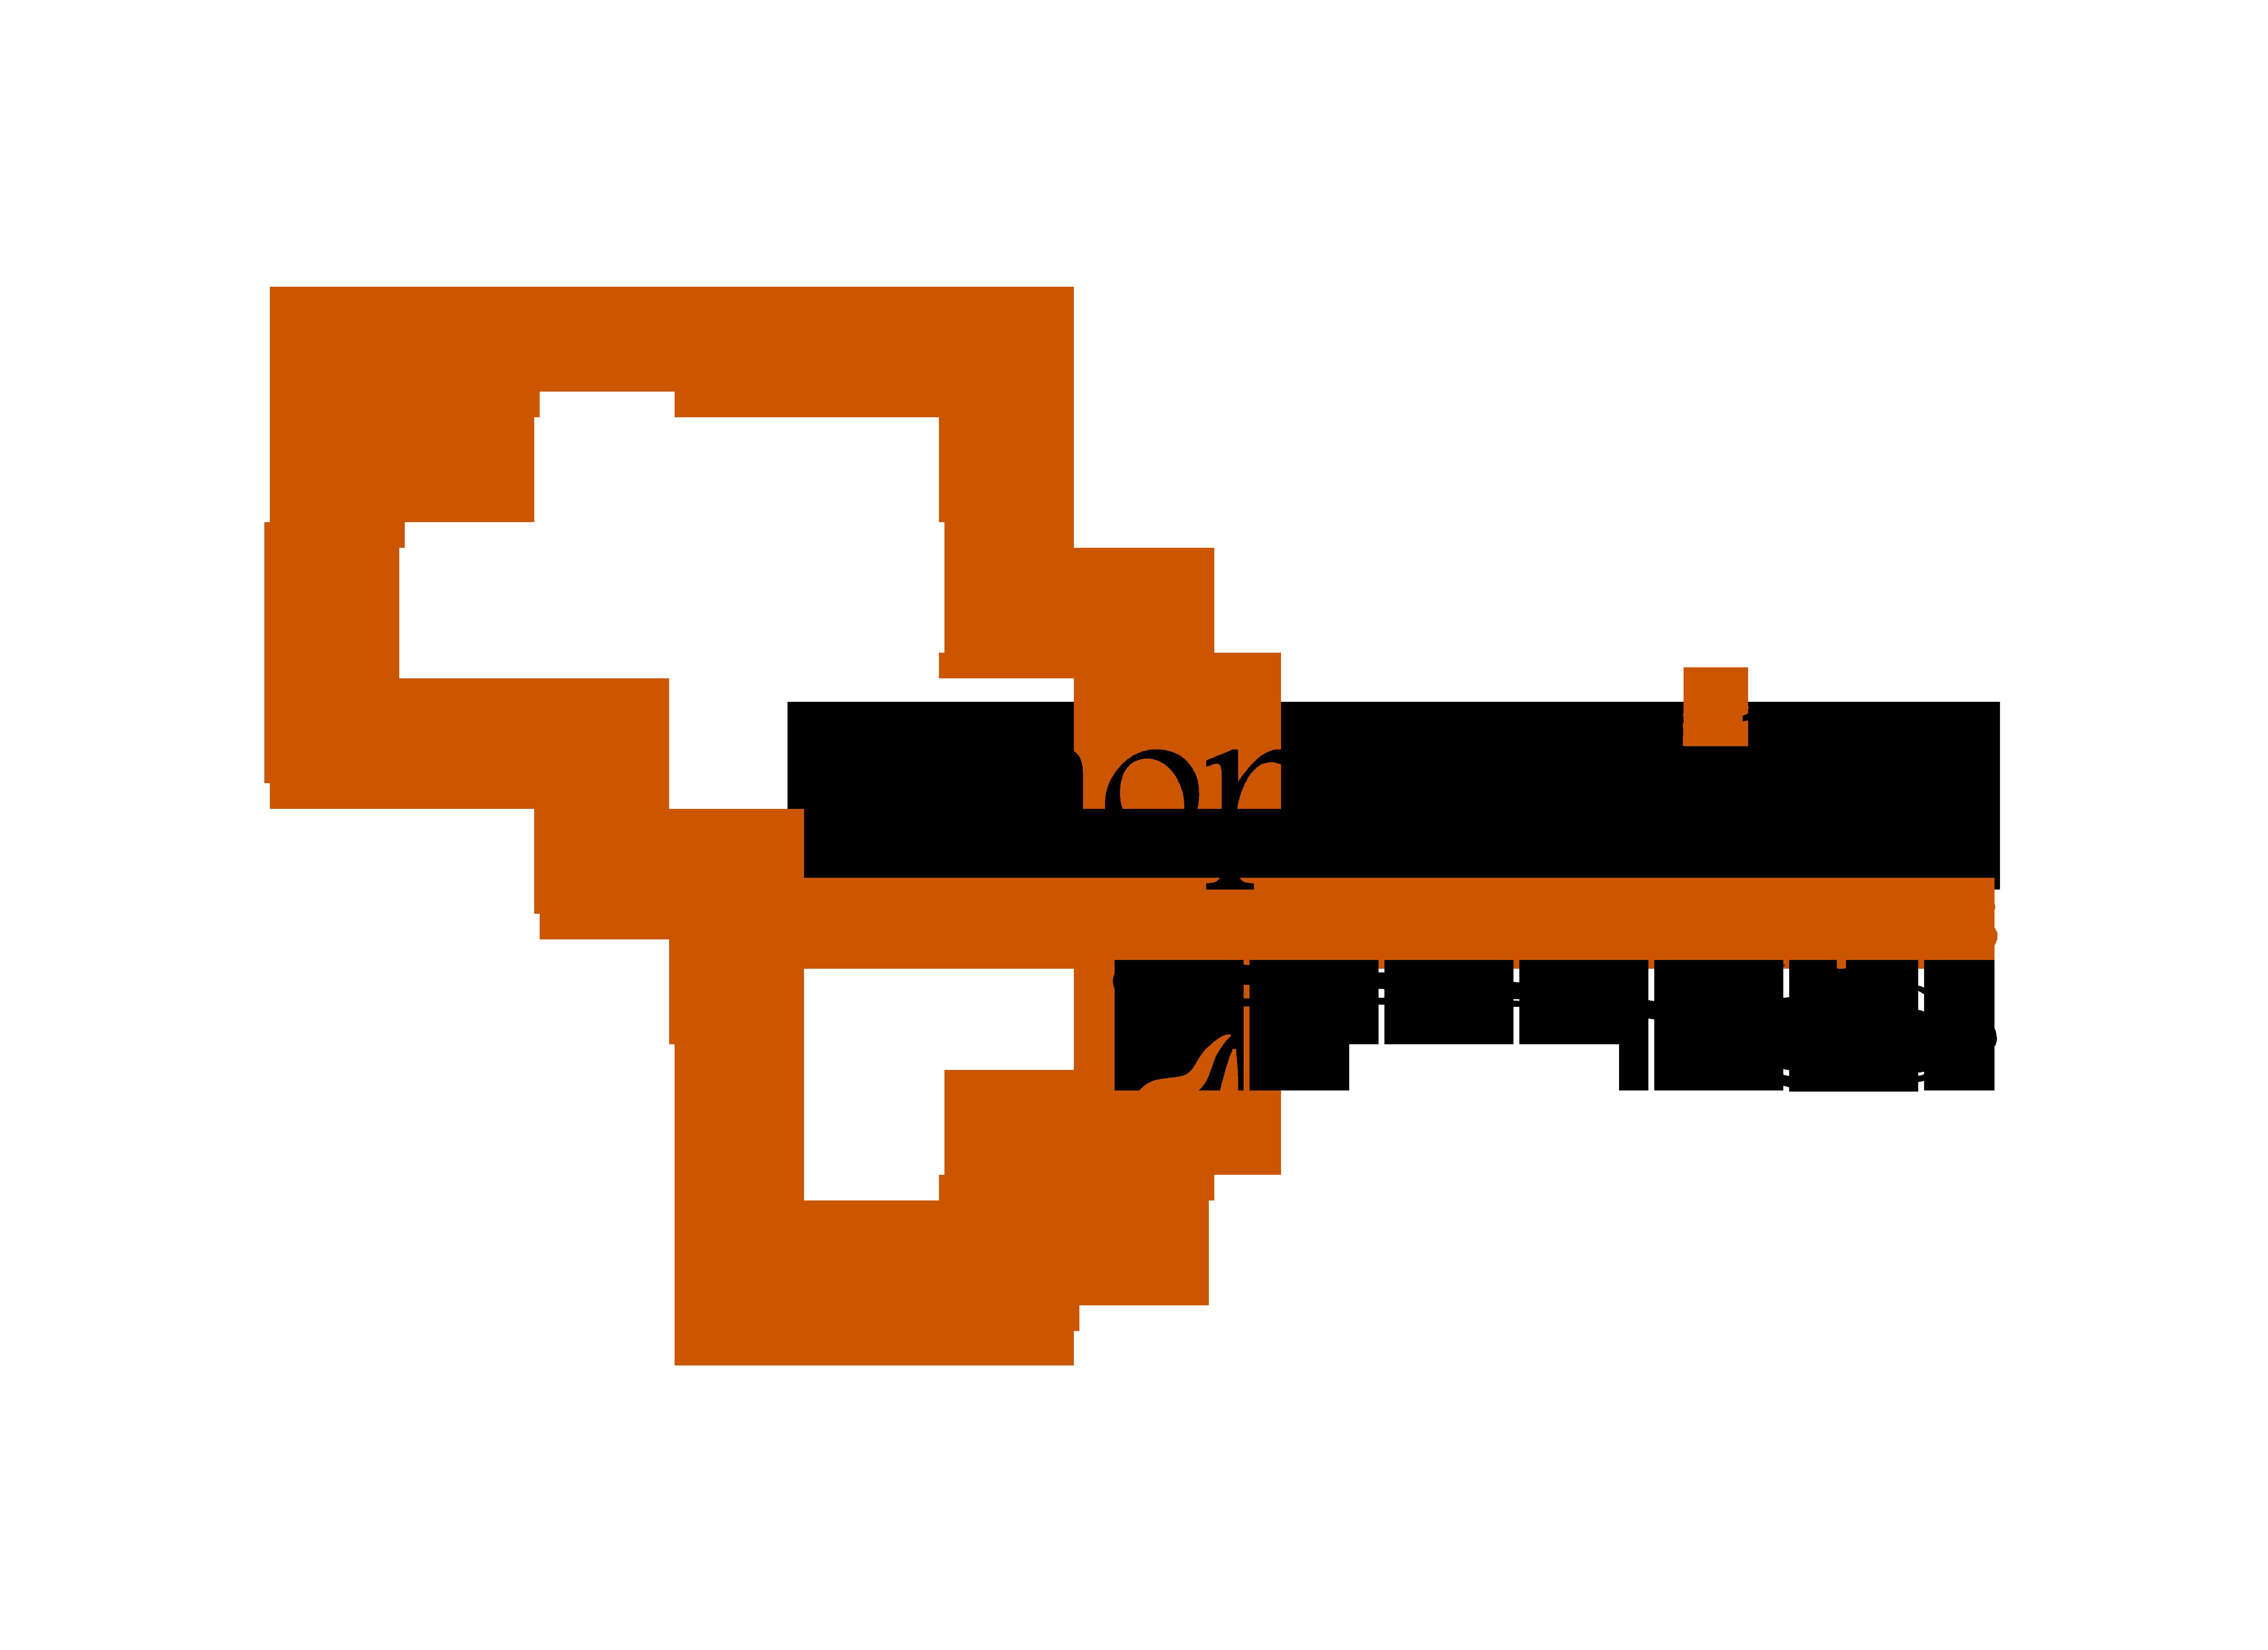 tchop-afrik u0026 39 a cuisine